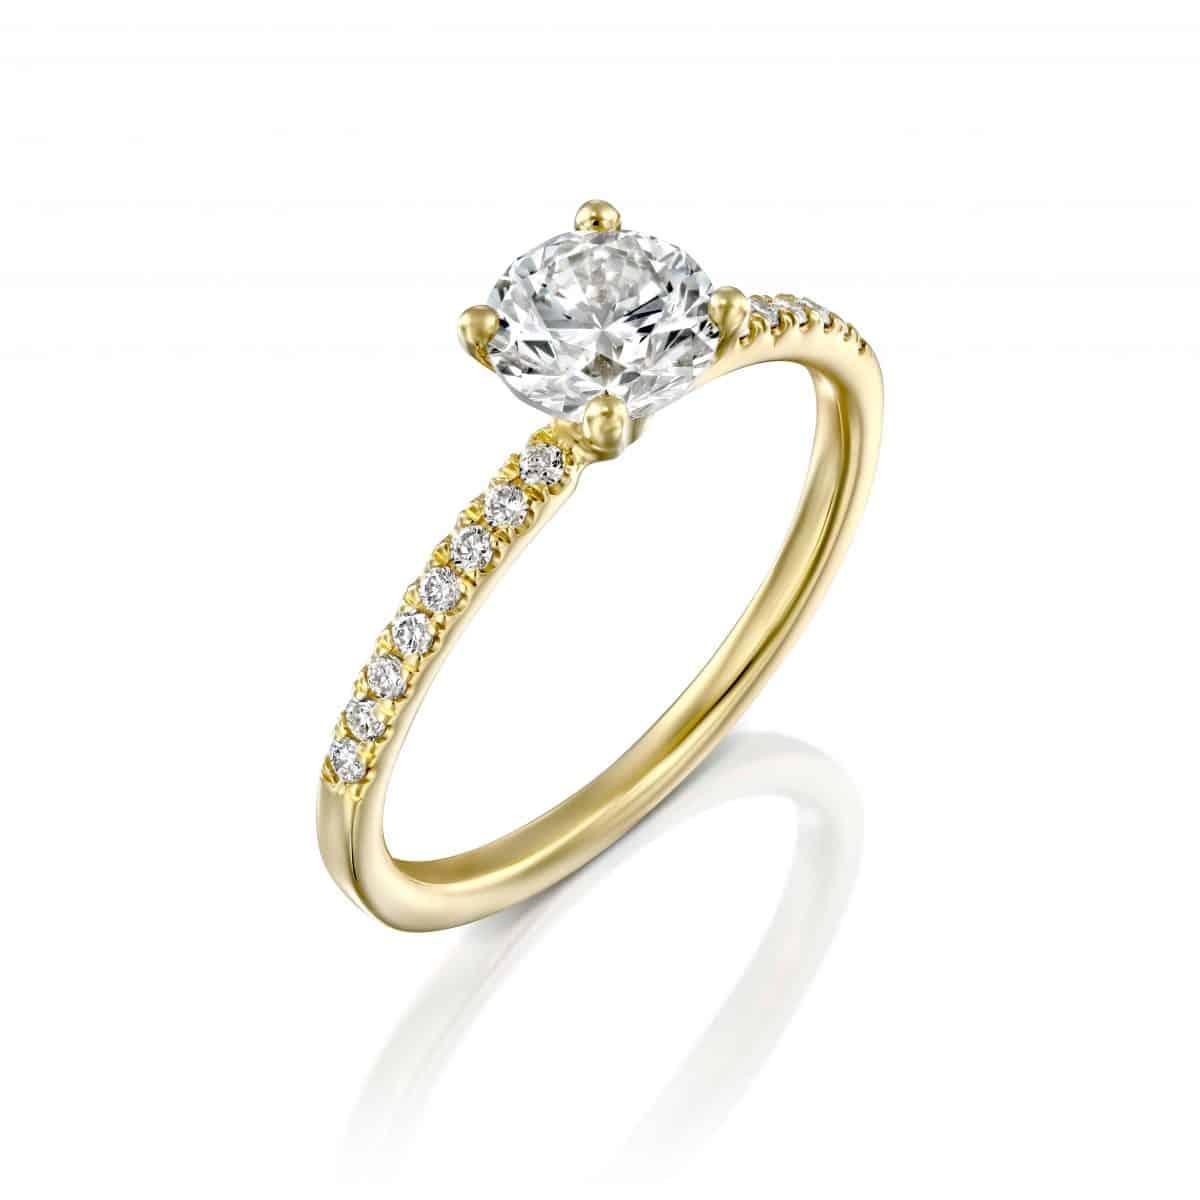 טבעת יהלומים 1 קראט בעיצוב קלאסי ועדין